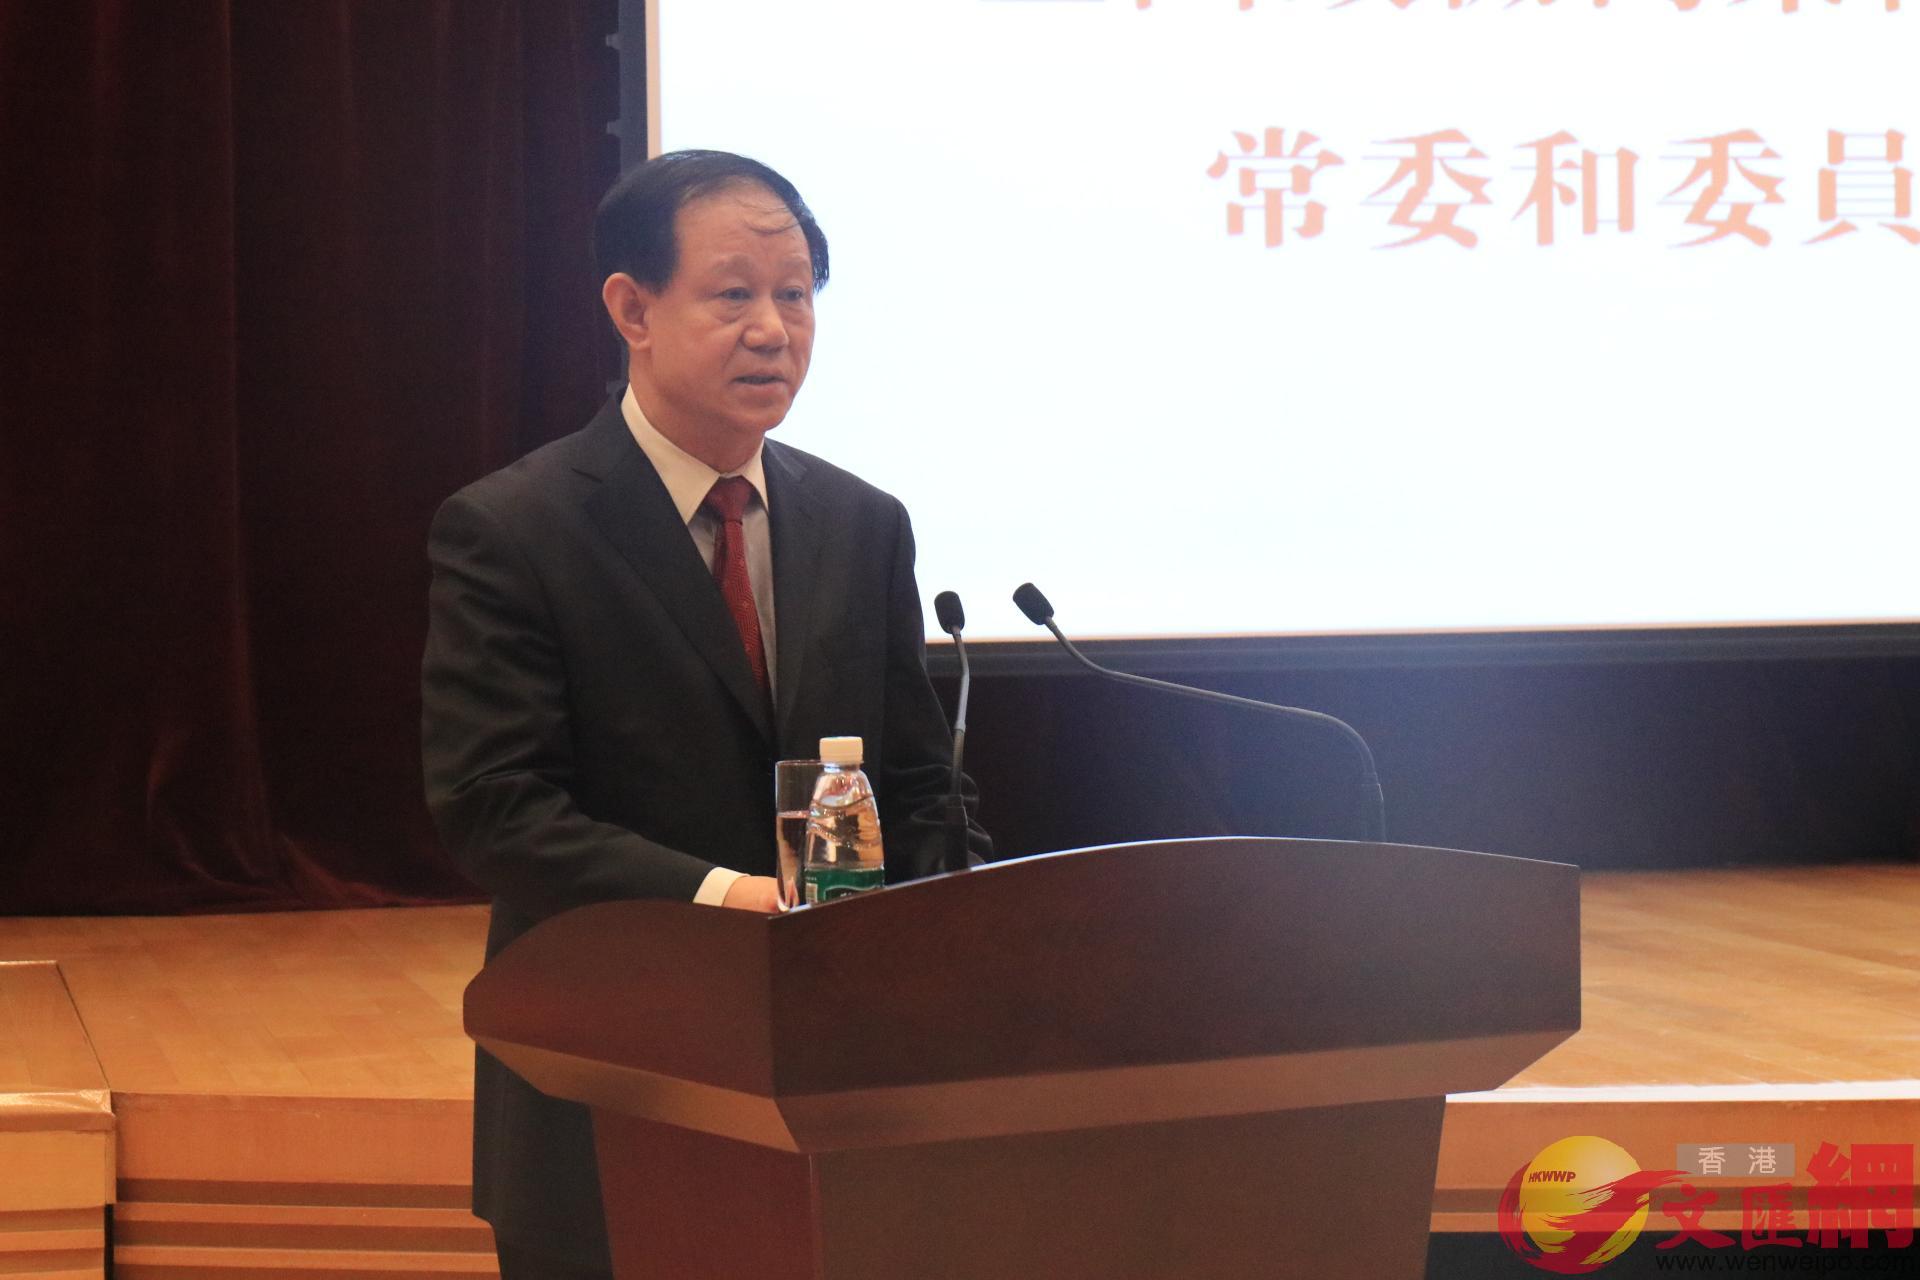 全國政協副秘書長潘立剛發表講話